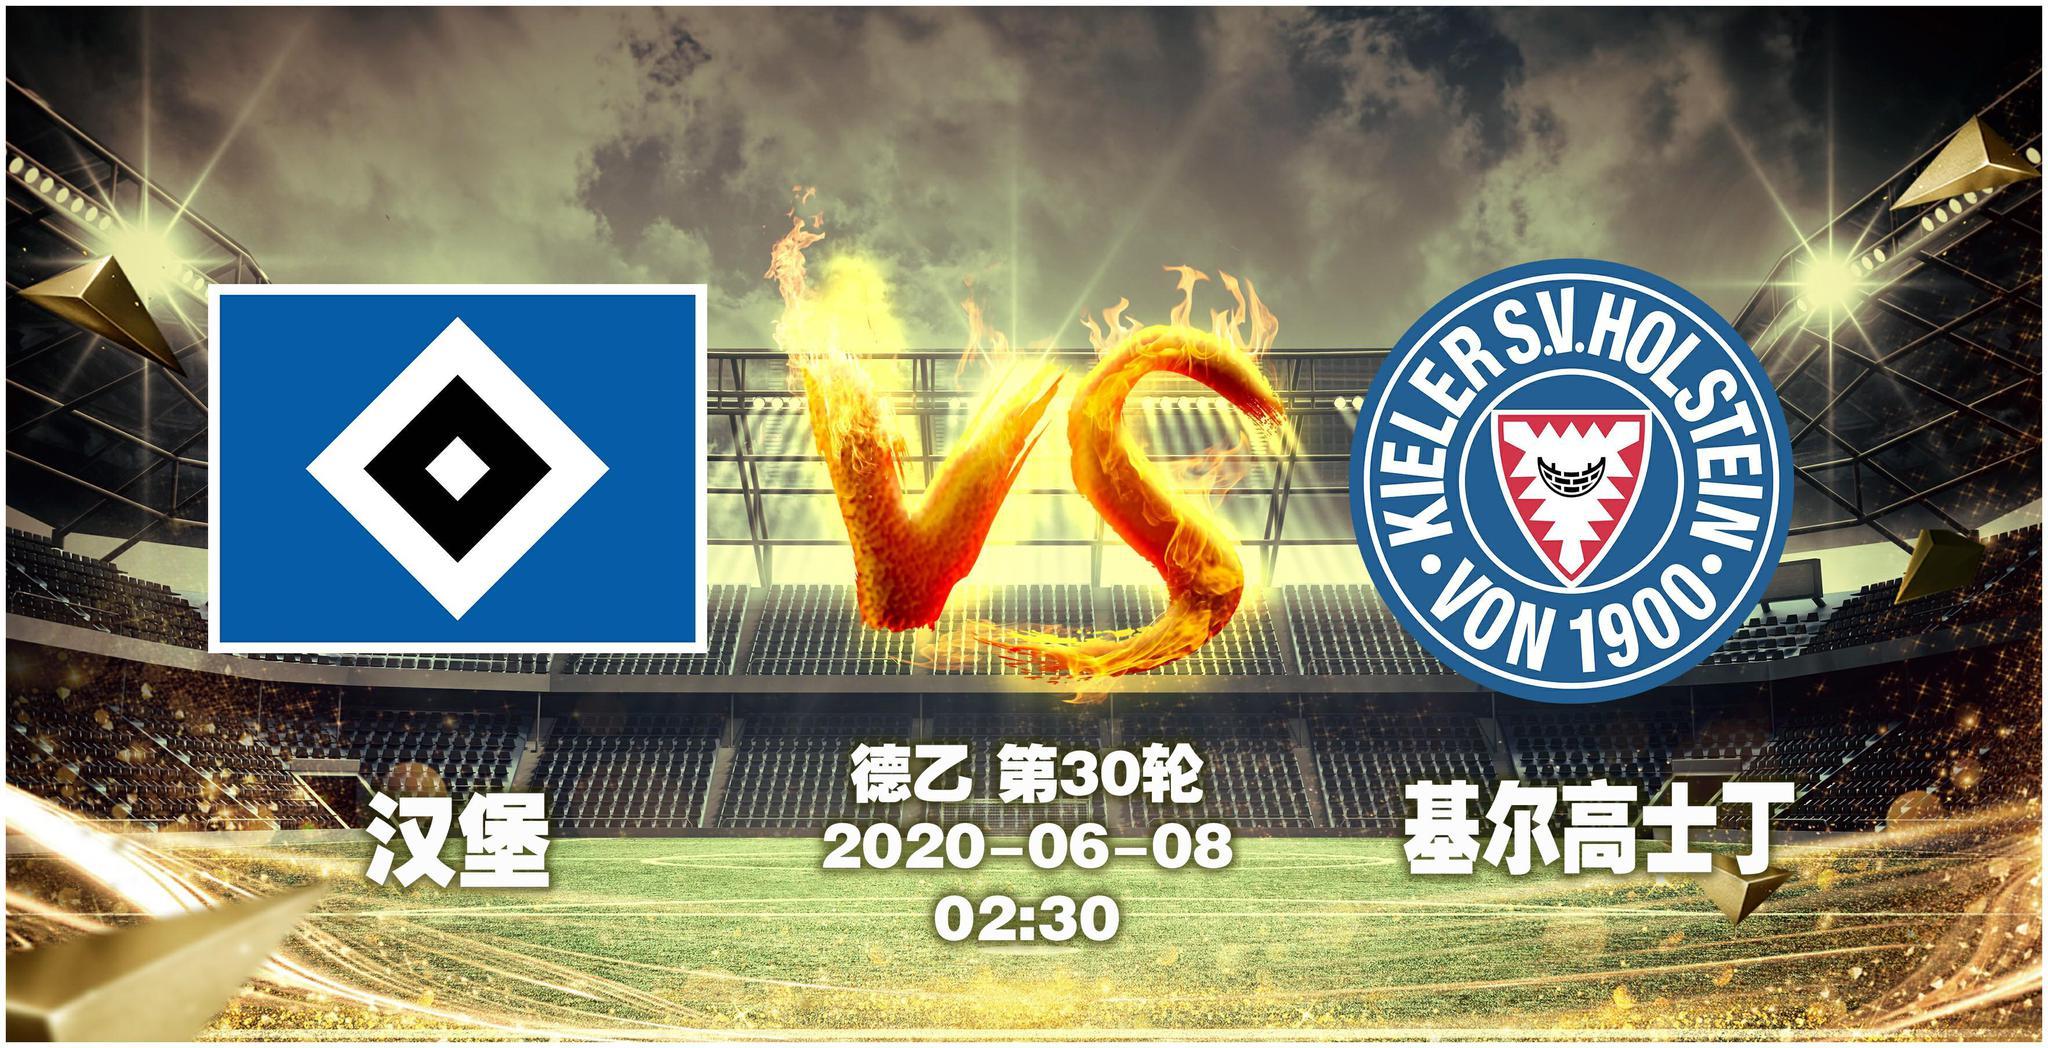 德乙:汉堡vs基尔高士丁,想要晋升德甲联赛,大汉堡必定全力以赴